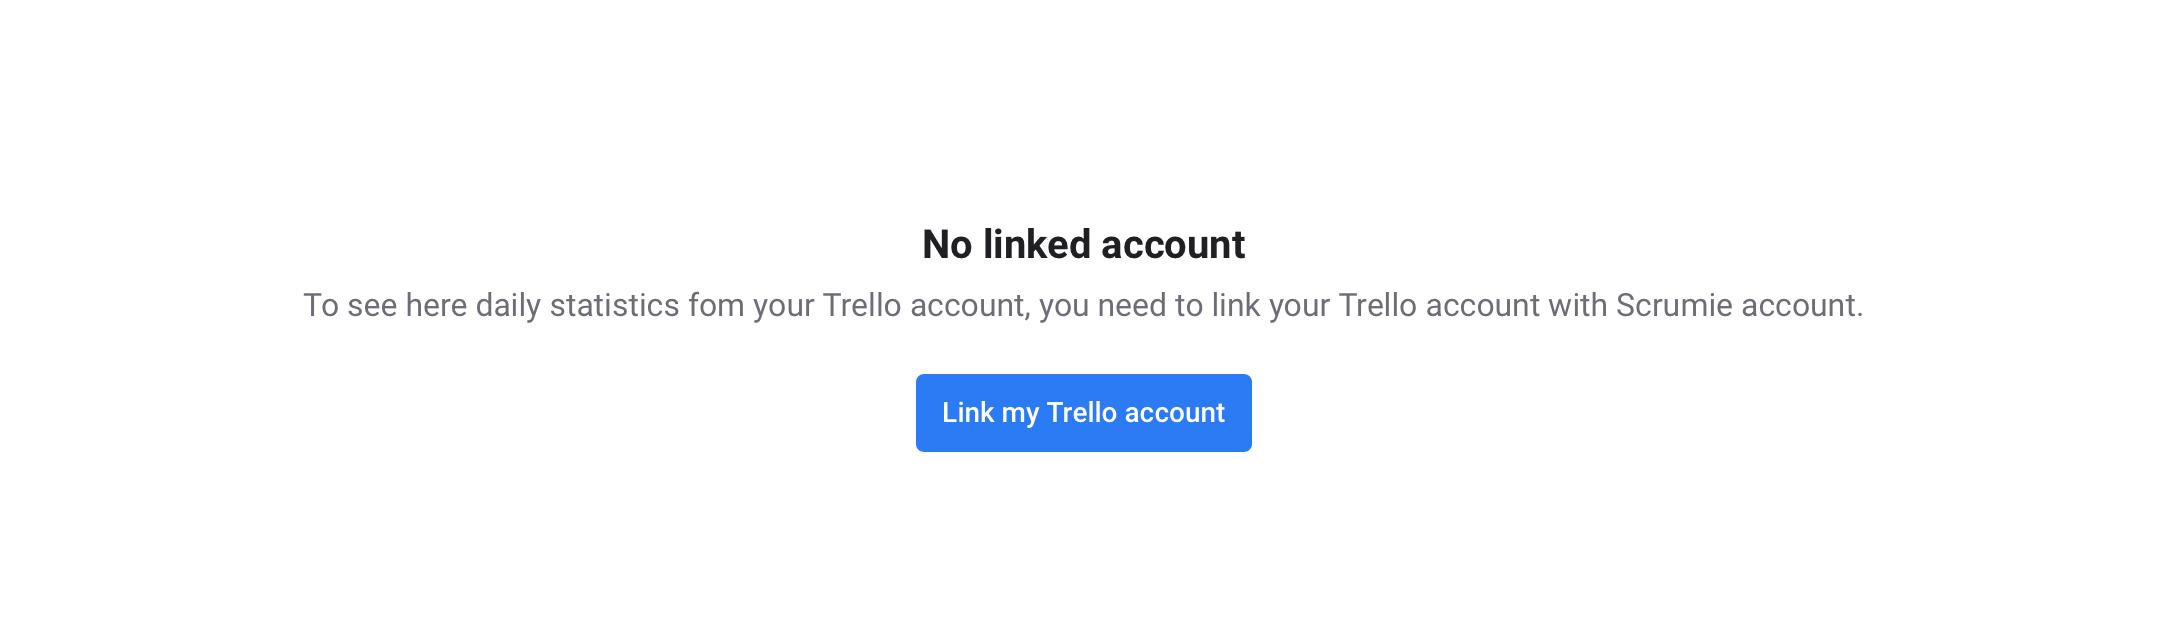 Linking Trello account - Scrumie